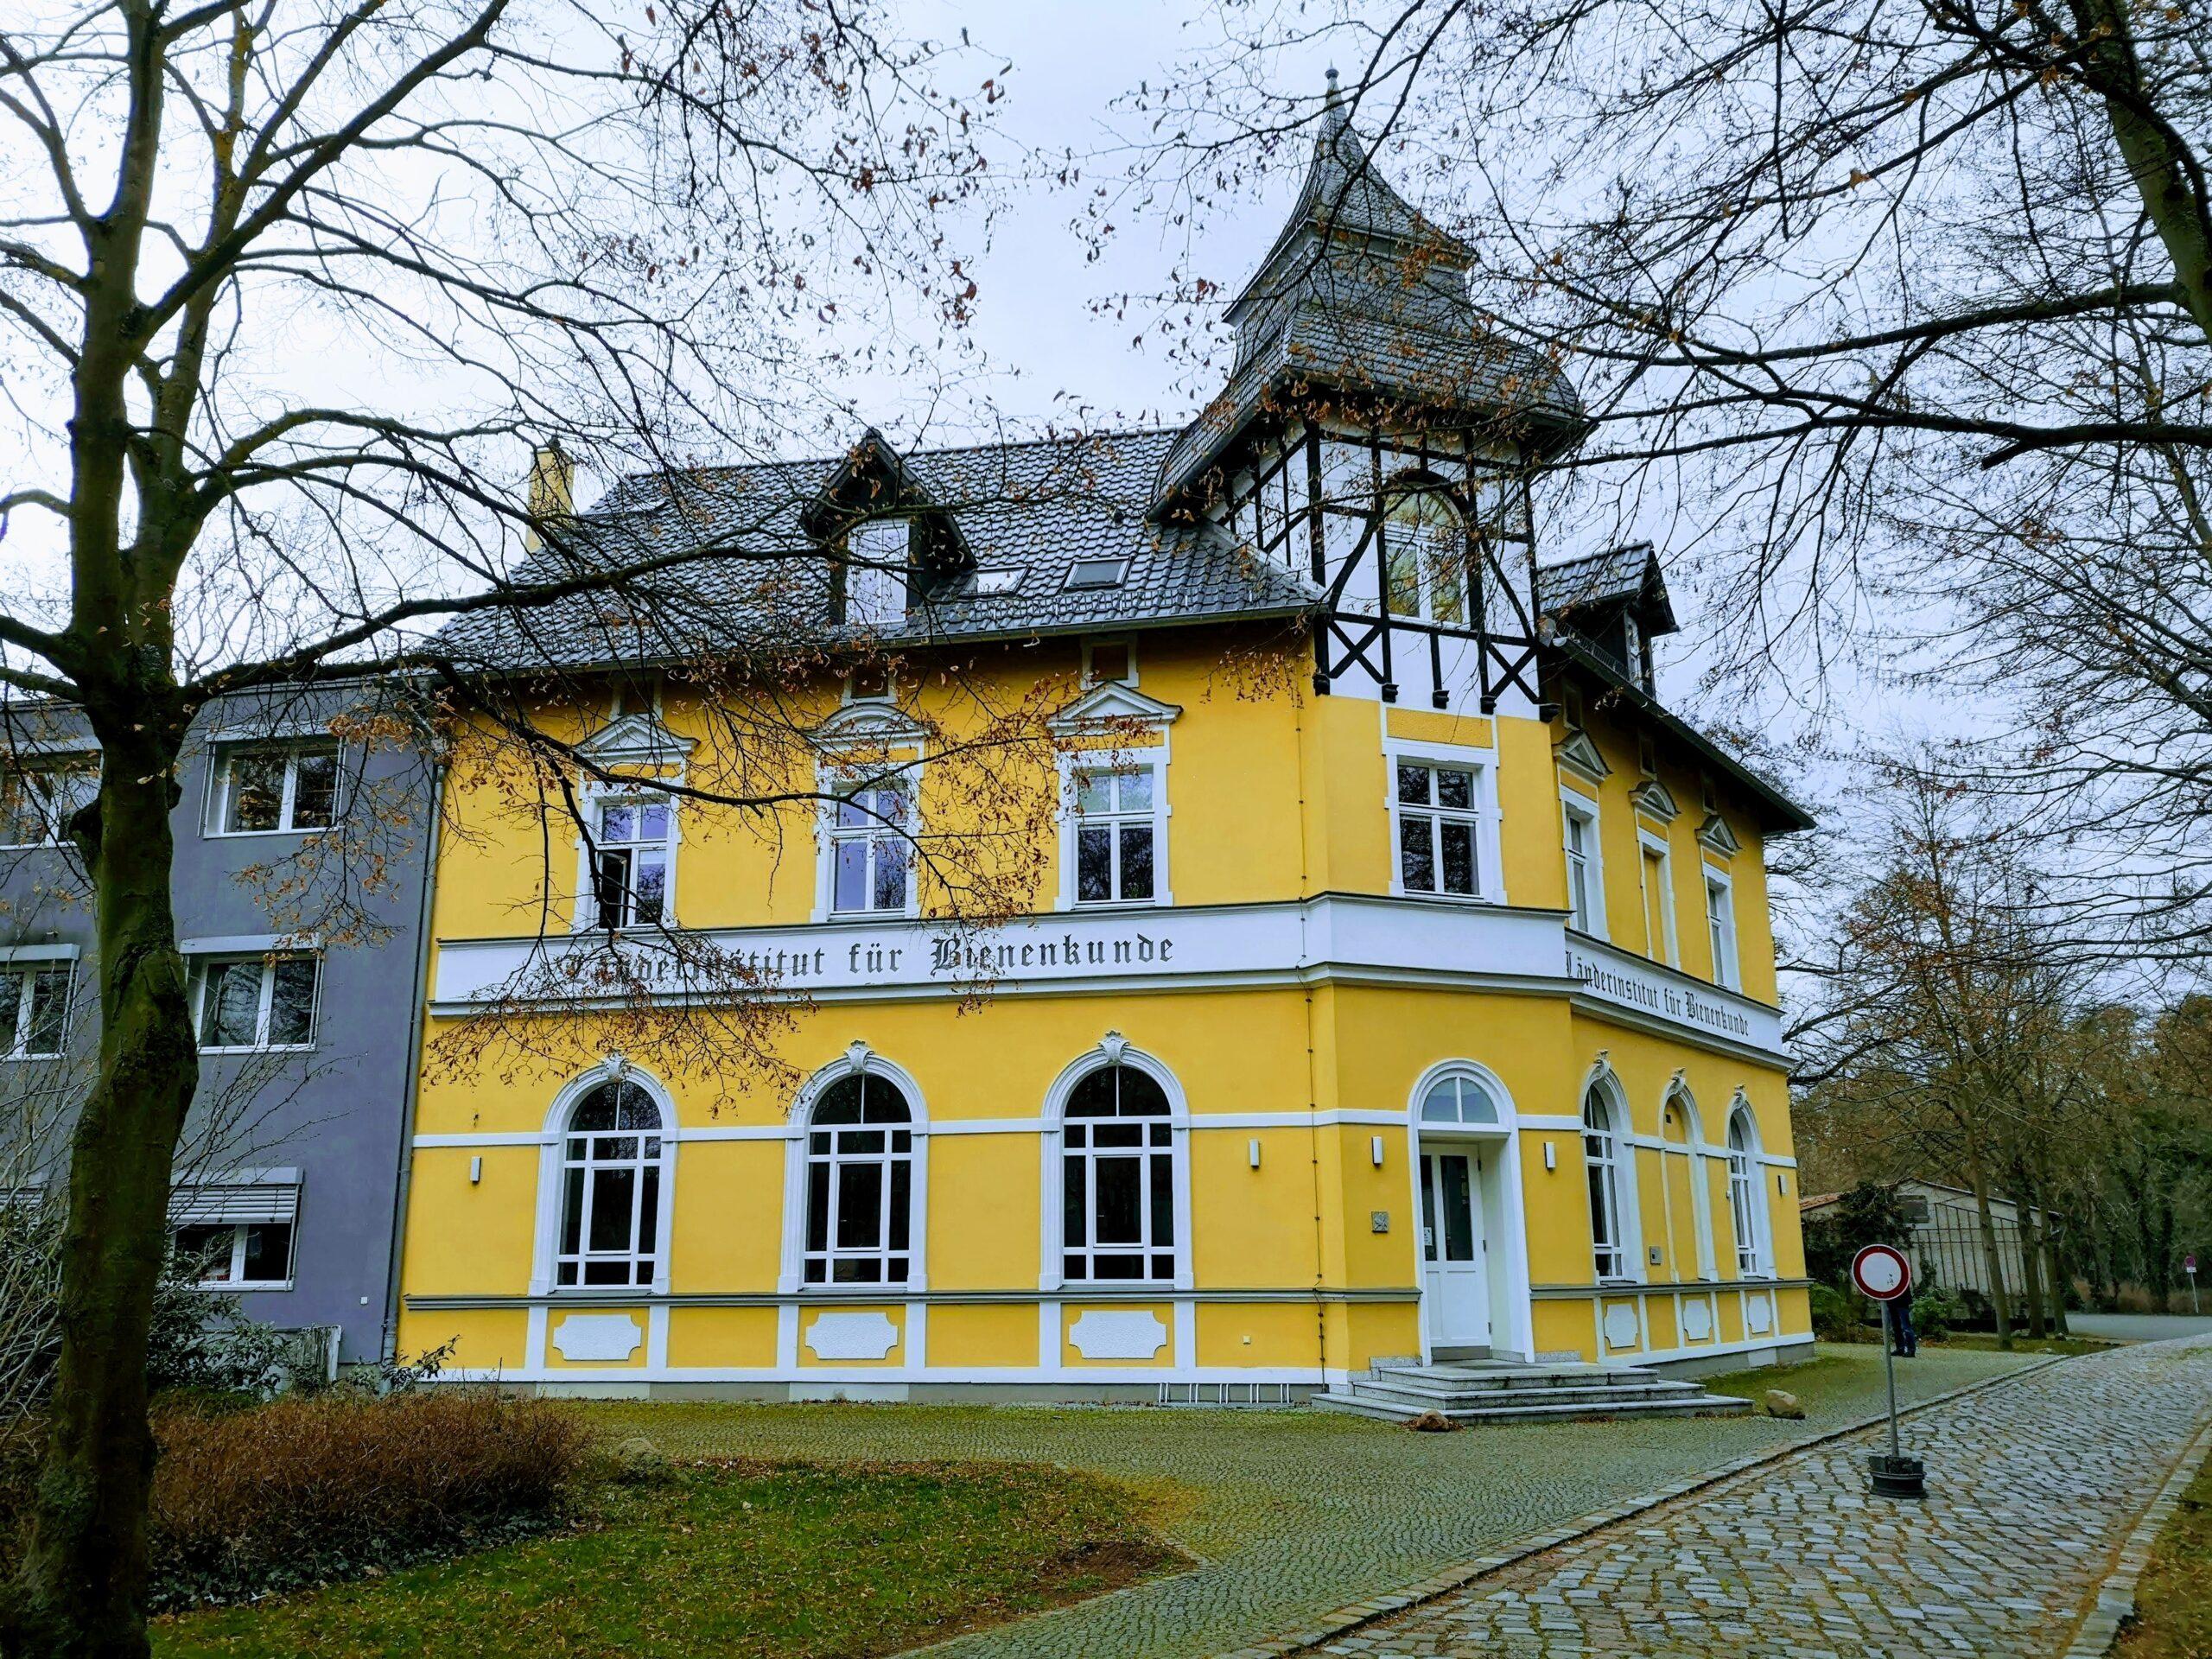 Das LIB Länder Institut für Bienenkunde in Hohen Neuendorf nördlich von Berlin